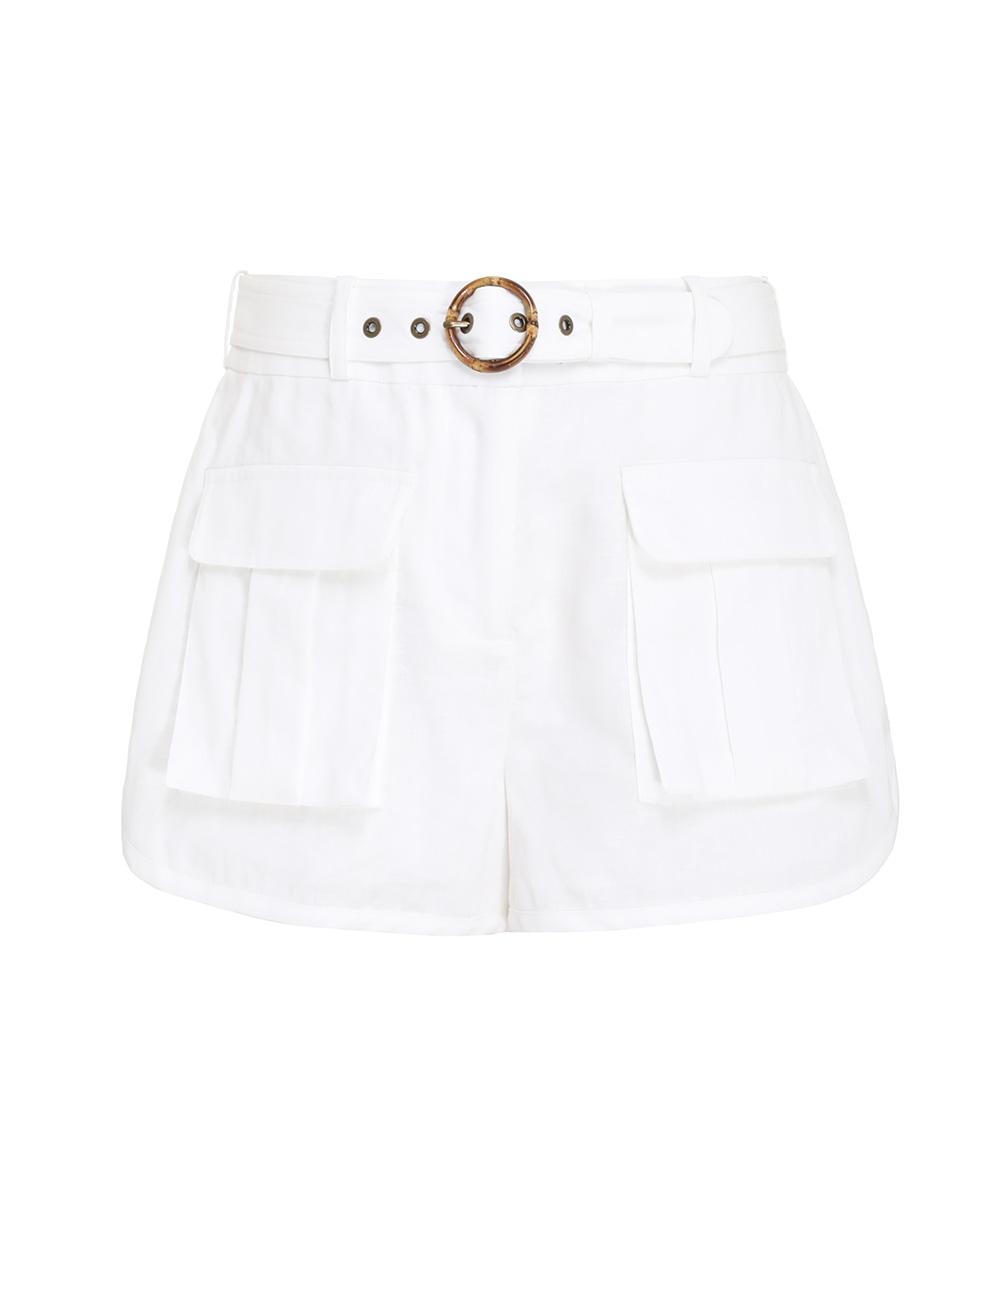 Brighton Pocket Shorts